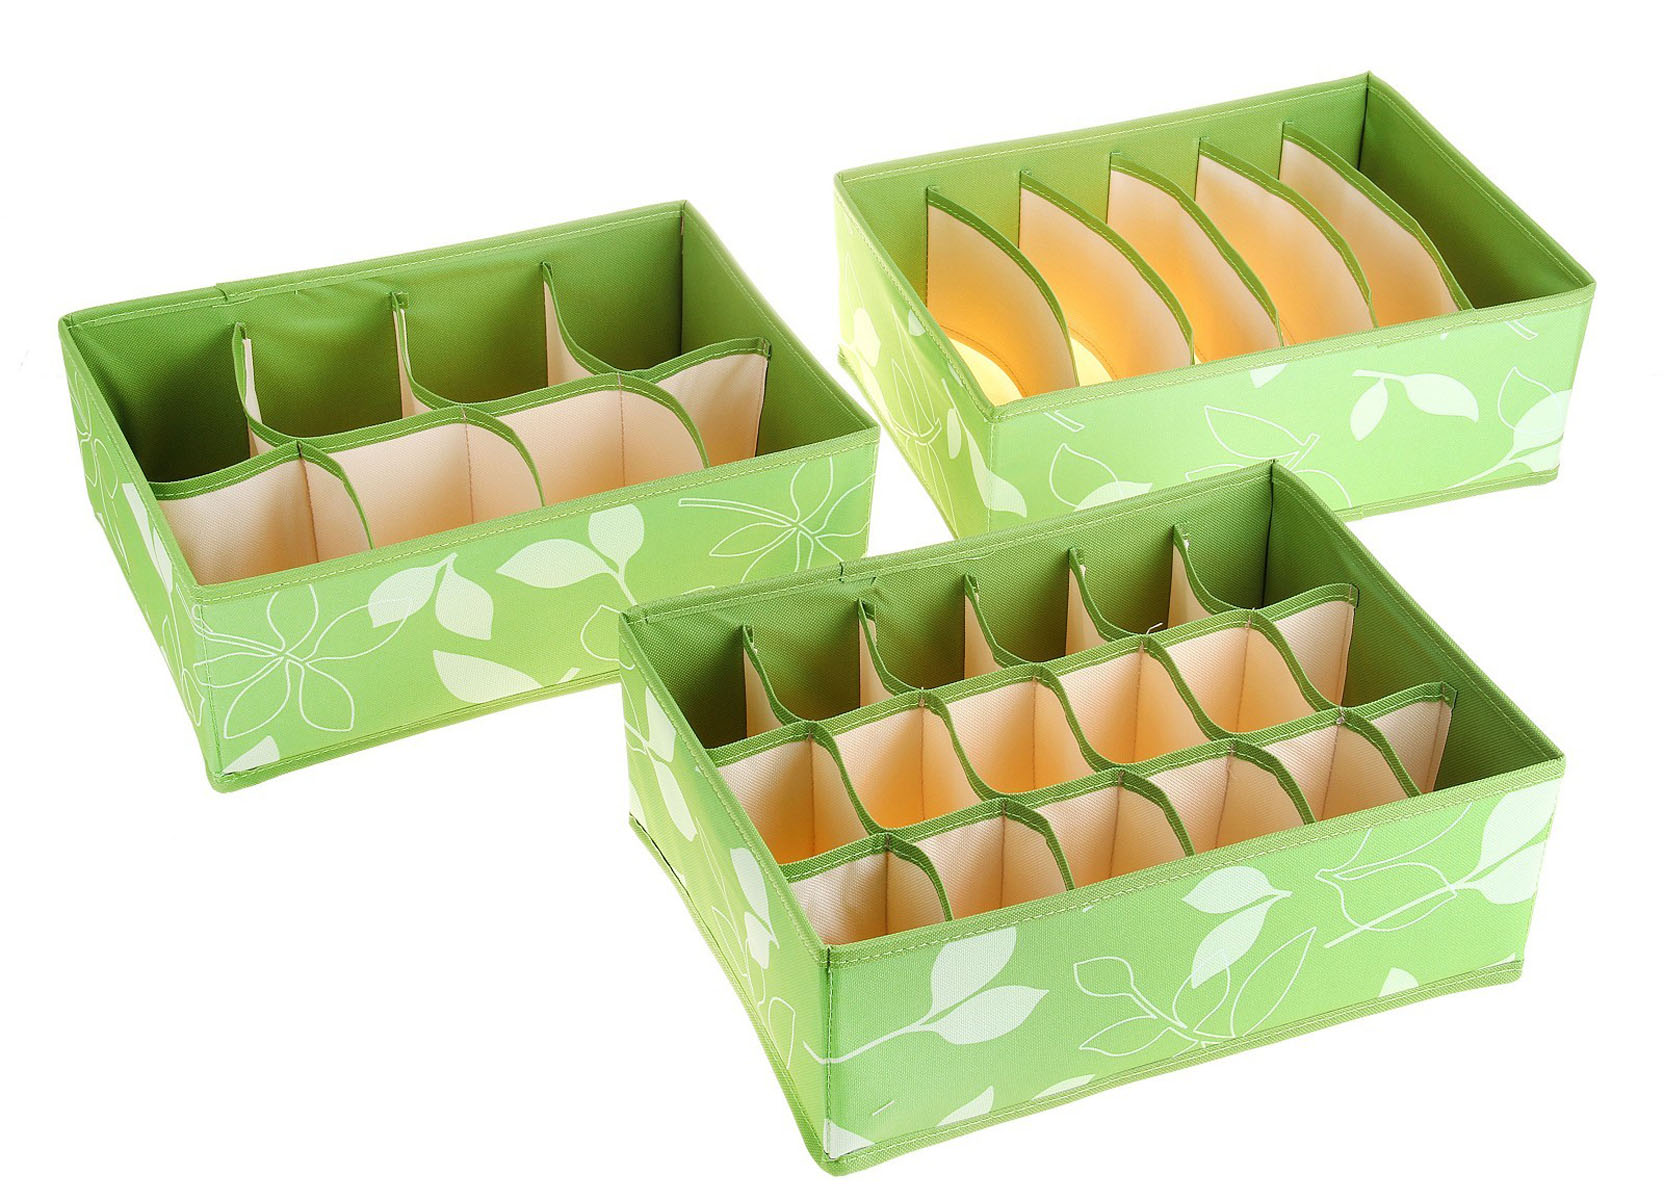 Кофр для мелких вещей Листочки, цвет: зеленый, 32 см х 24 см х 12 см, 3 шт760563